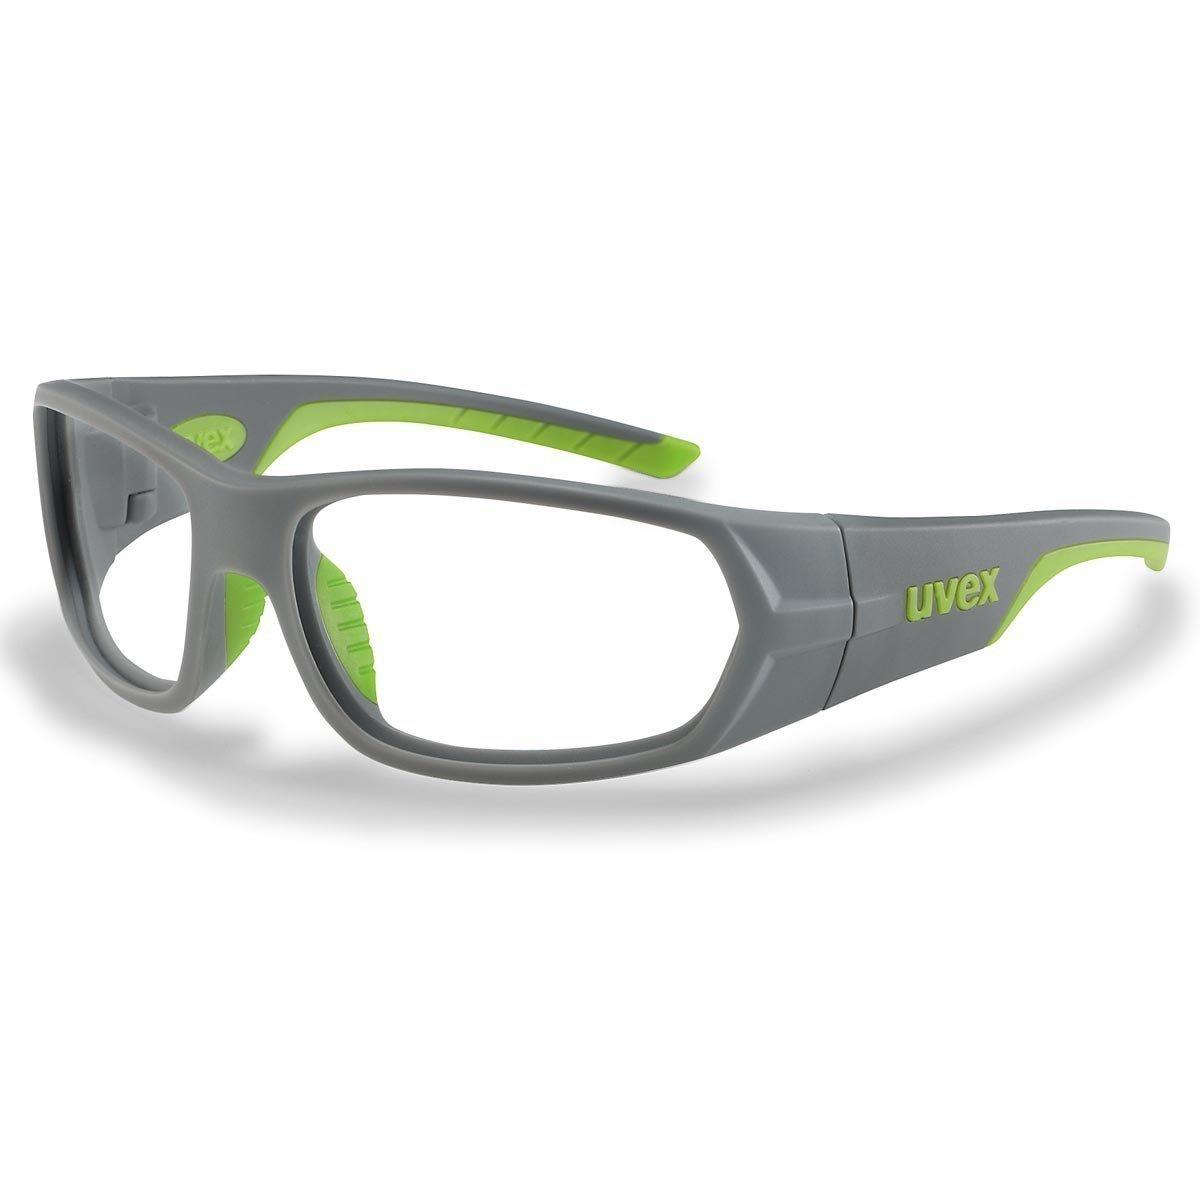 Uvex Korrektionsschutzbrille RX sp 5513 - Keine Entspiegelung